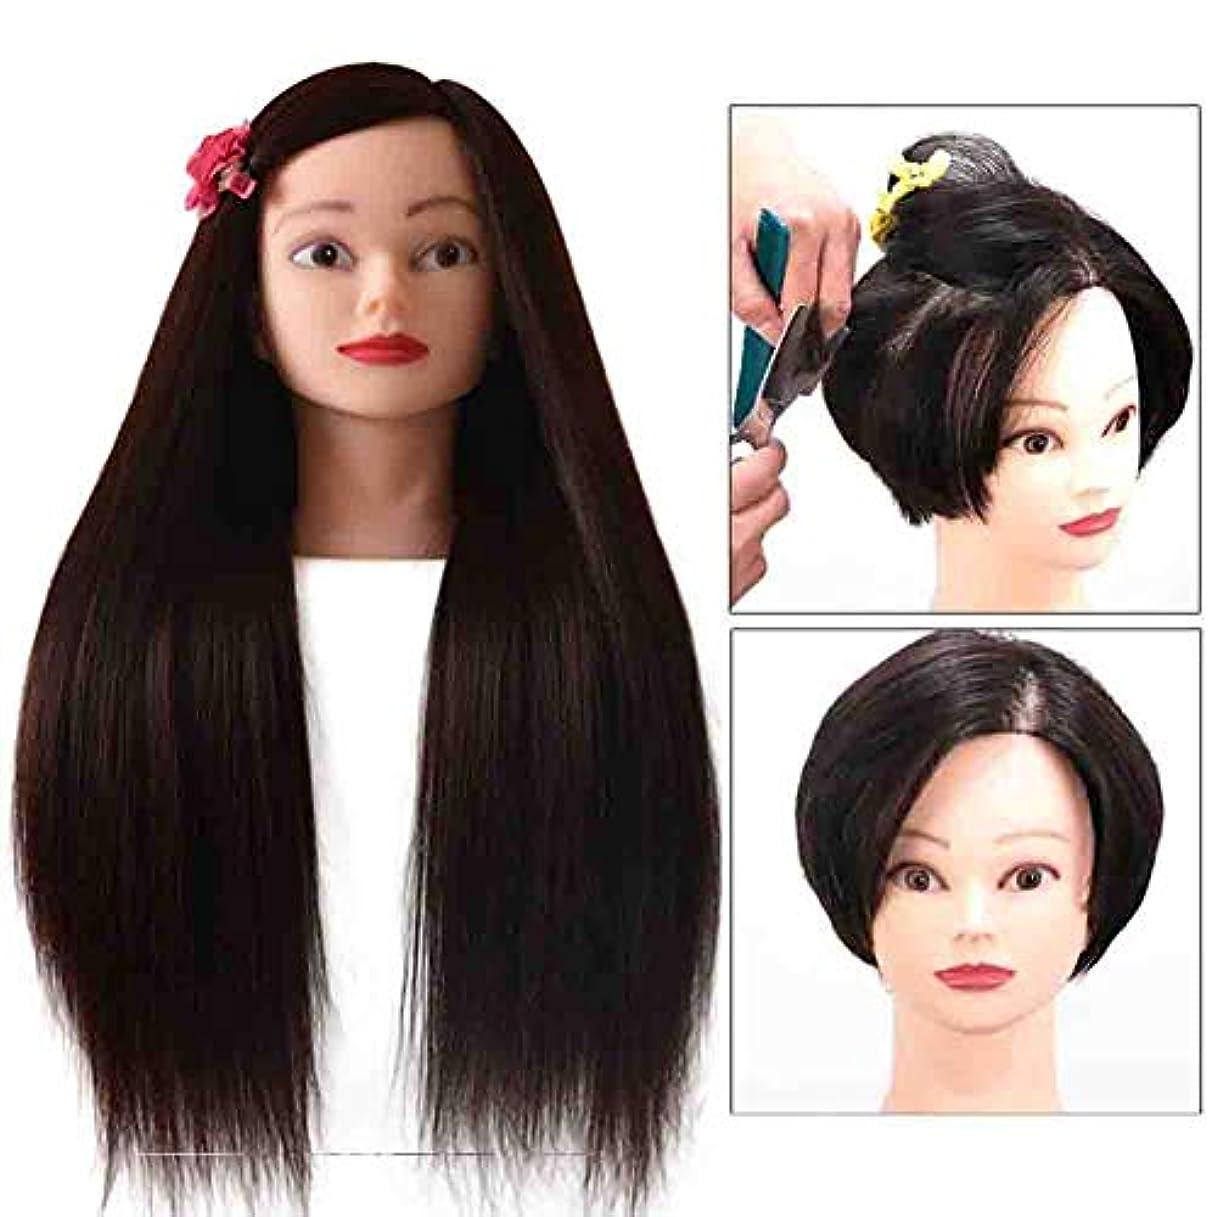 レイアウト神秘的な承知しましたトウモロコシホットシミュレーションヘアメイクヘアプレートヘアダミー練習ヘッド金型理髪店初心者トリムヘアトレーニングヘッド